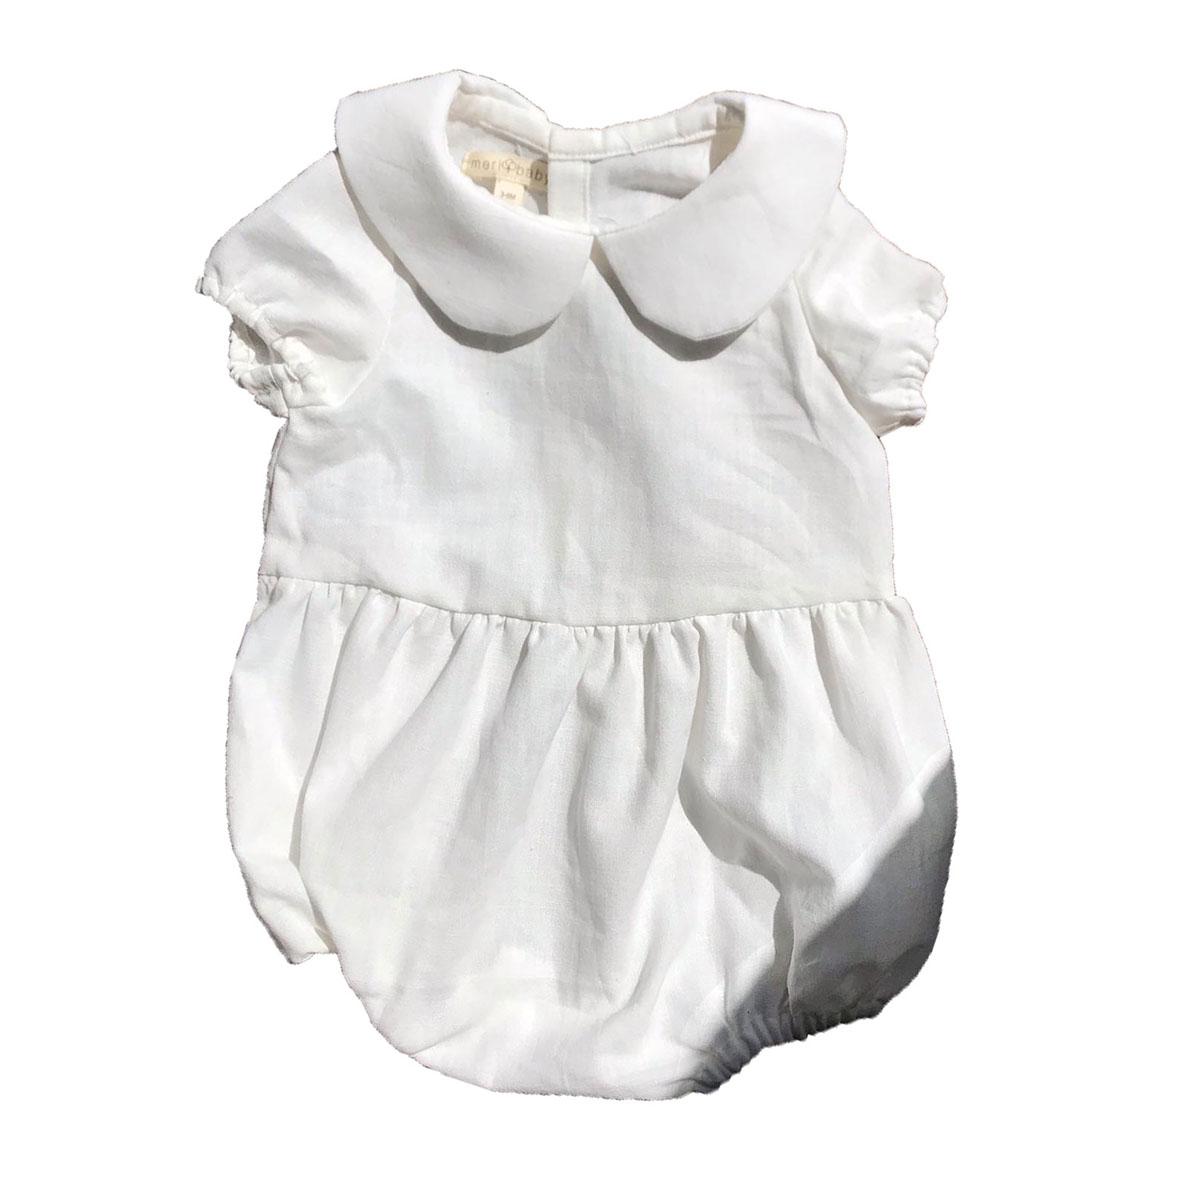 beyaz-pamuk-dokuma-kolsuz-bebek-tulumu